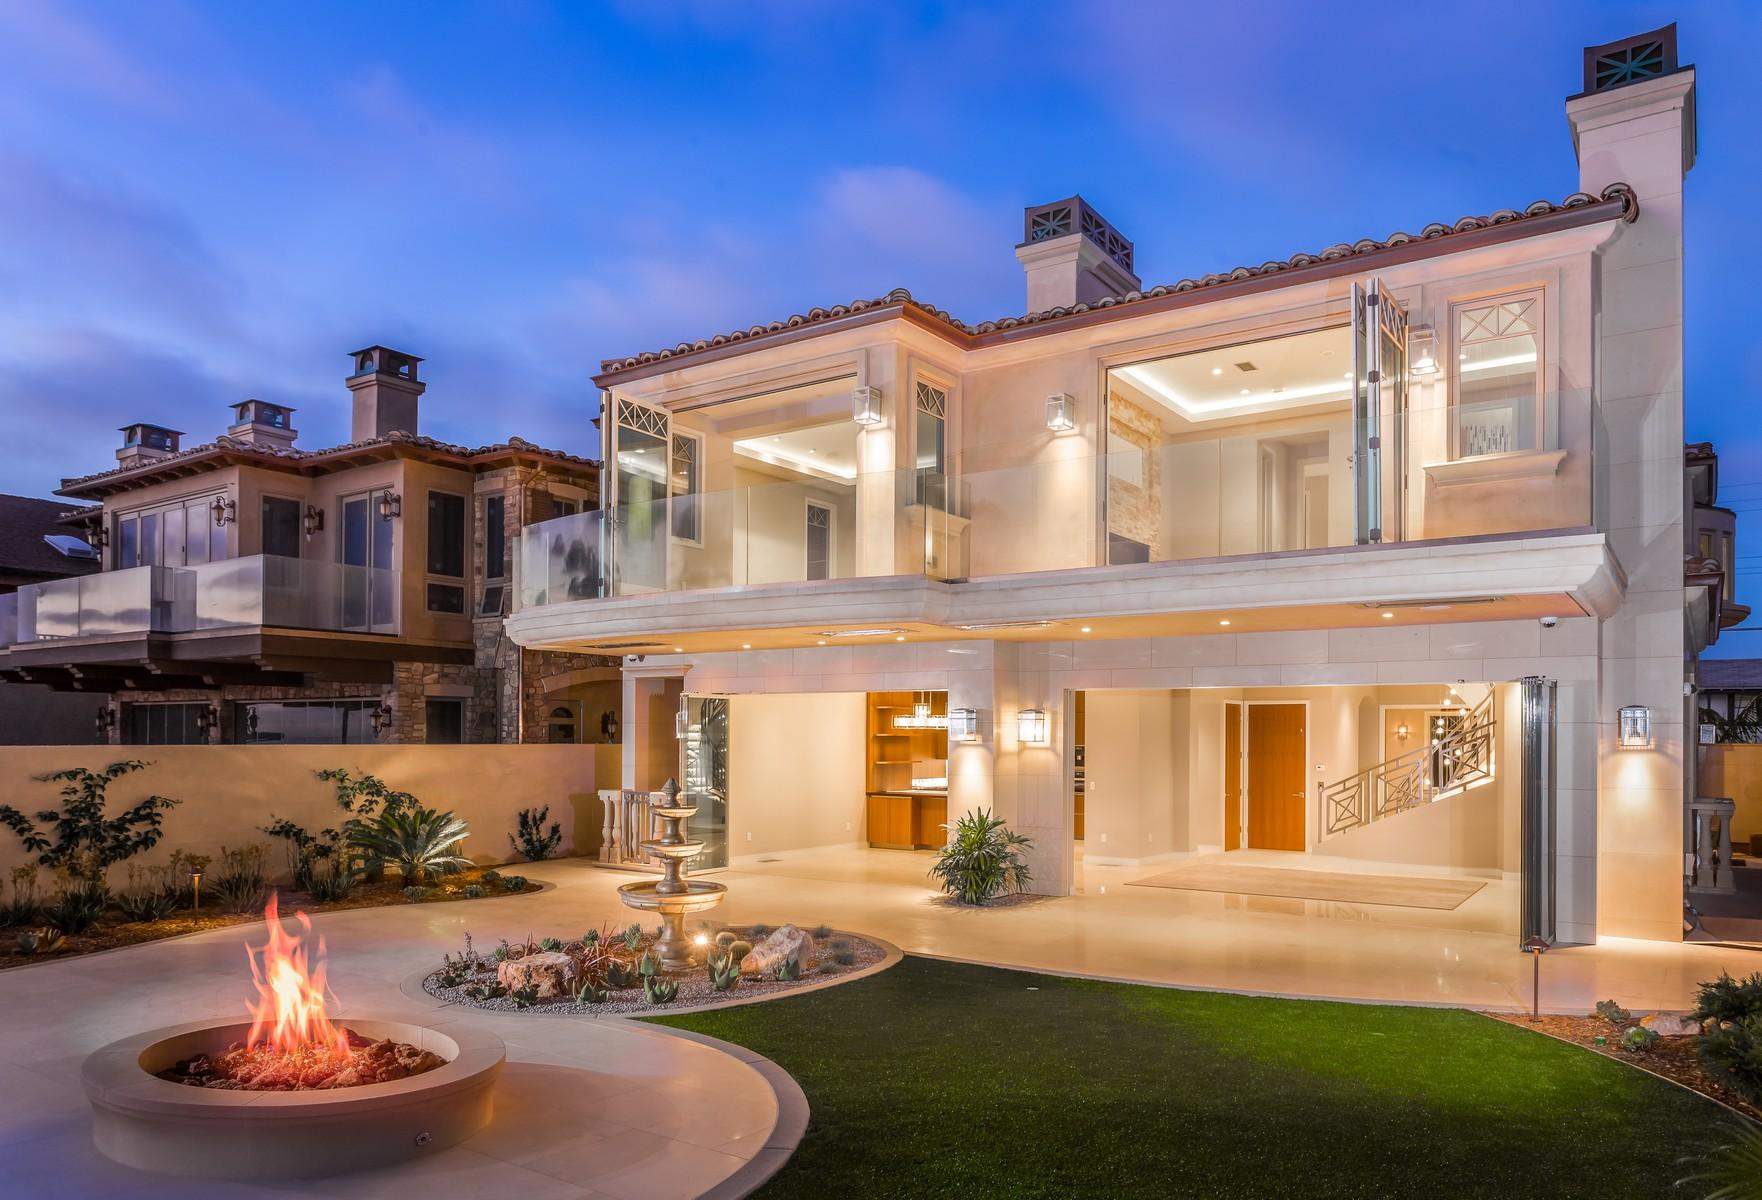 独户住宅 为 销售 在 824-828 Neptune Avenue 恩悉尼塔斯, 92024 美国